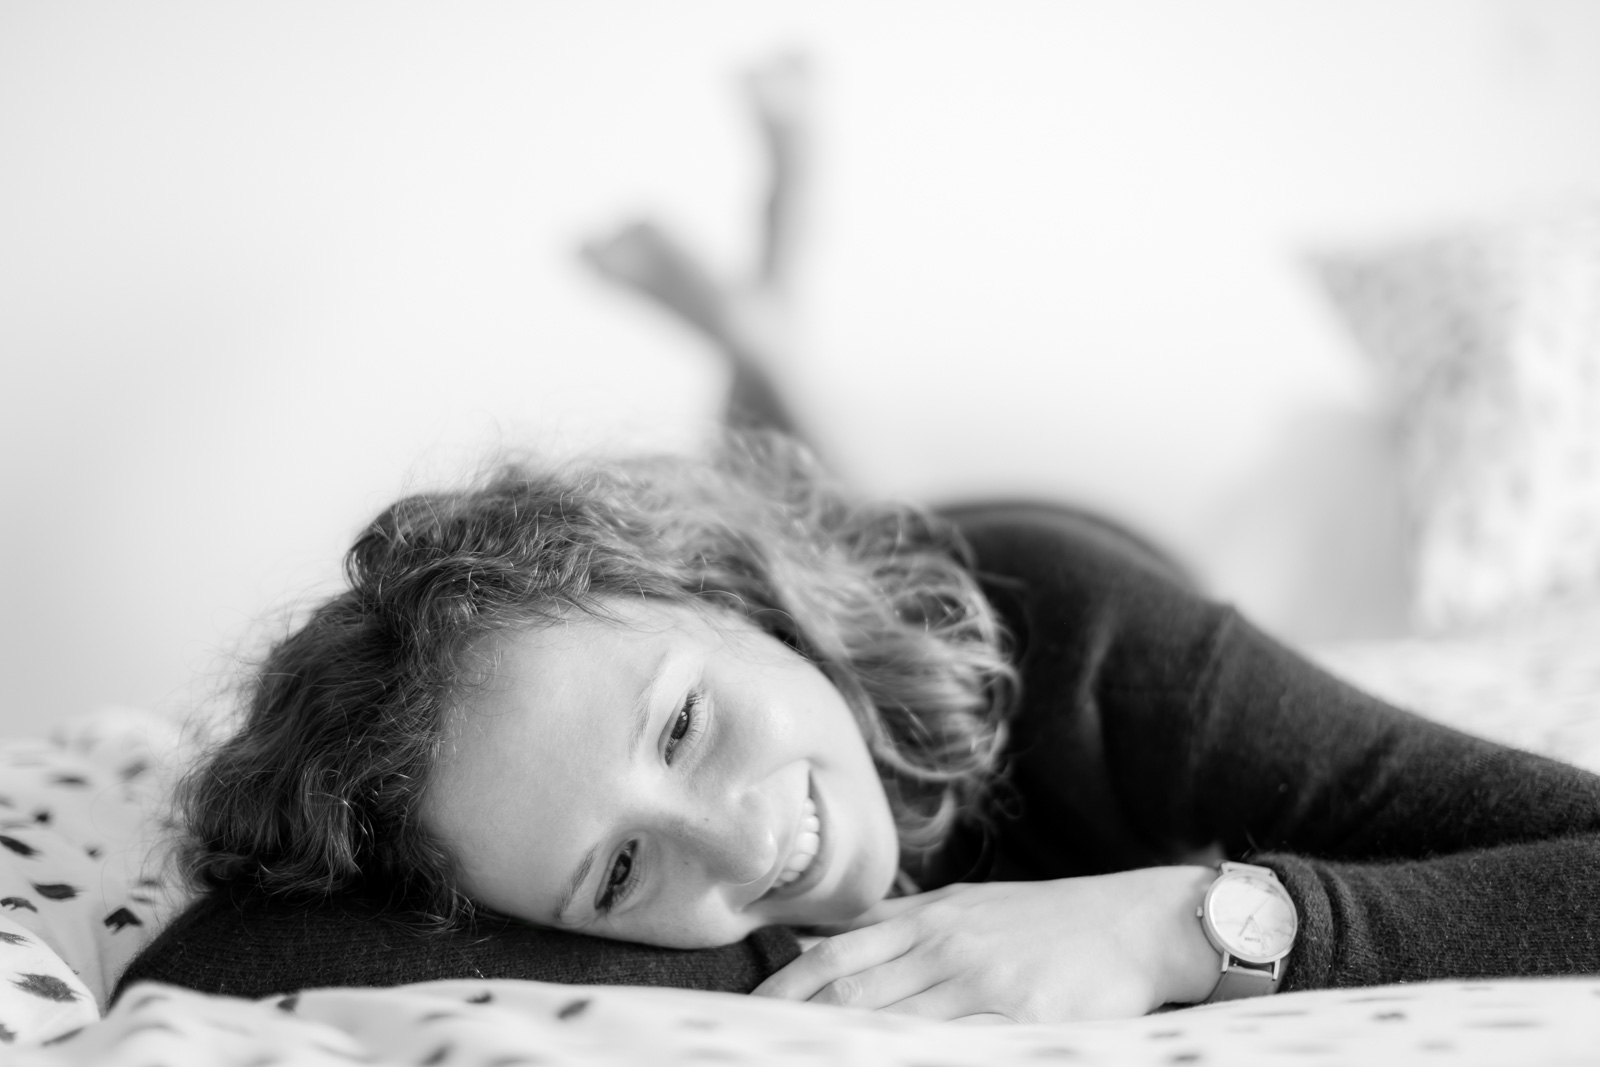 Femme couchée qui sourit